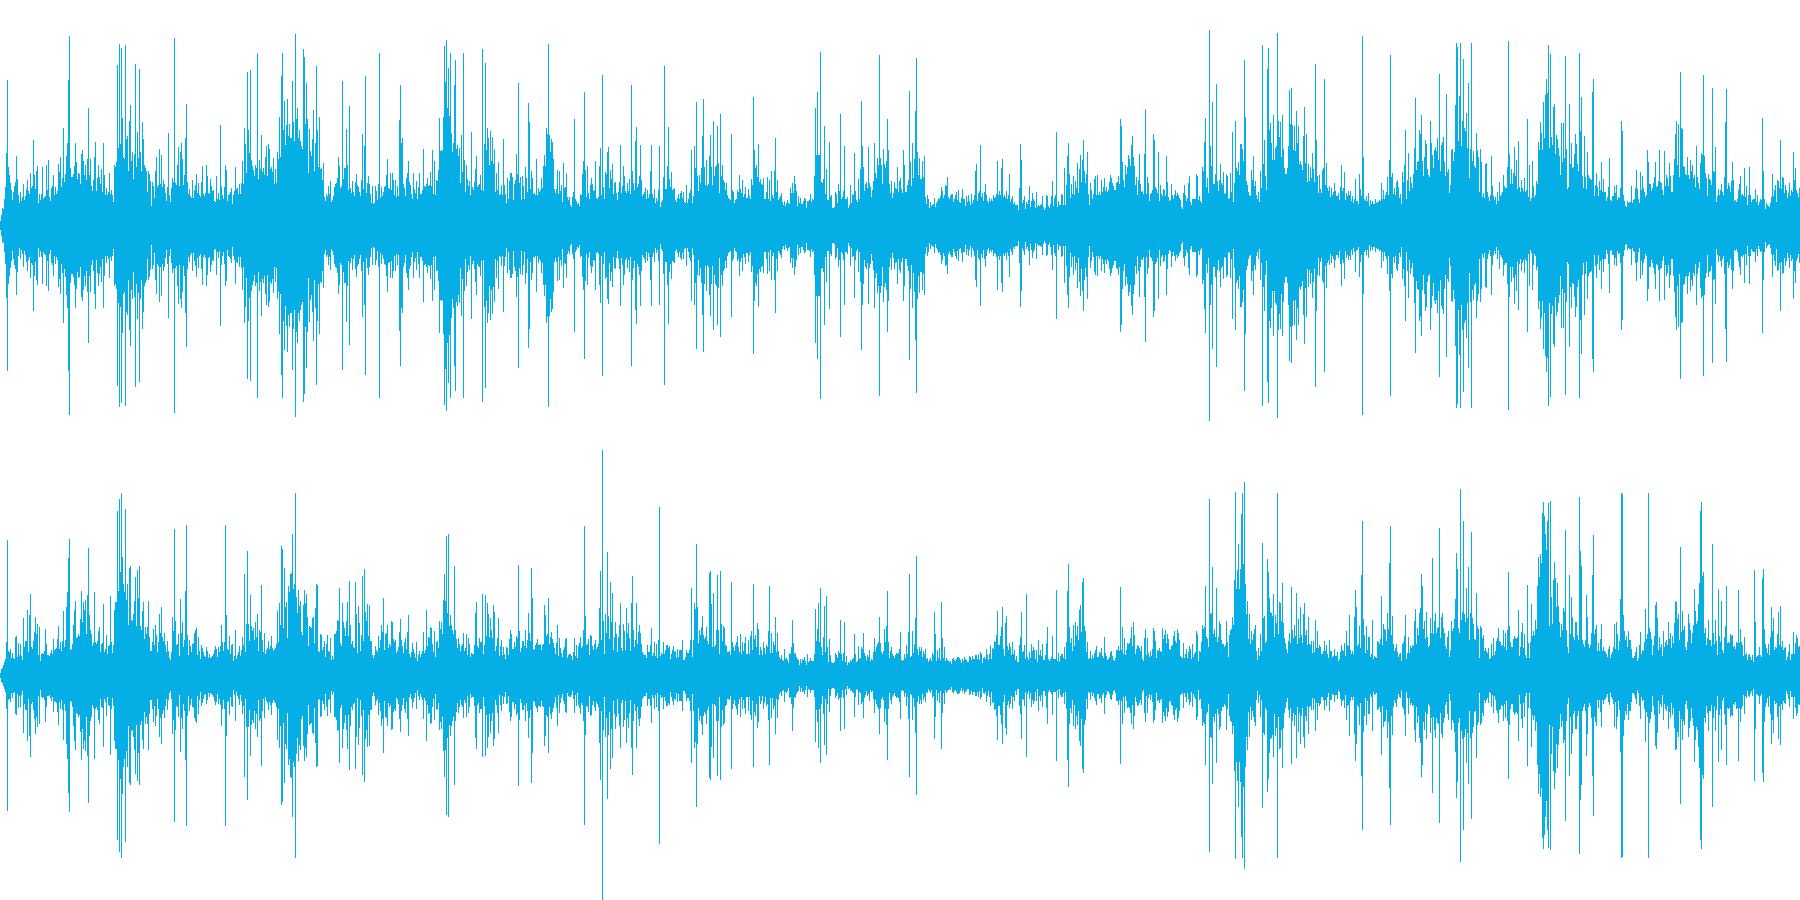 激しい波の浜辺(環境音)の再生済みの波形